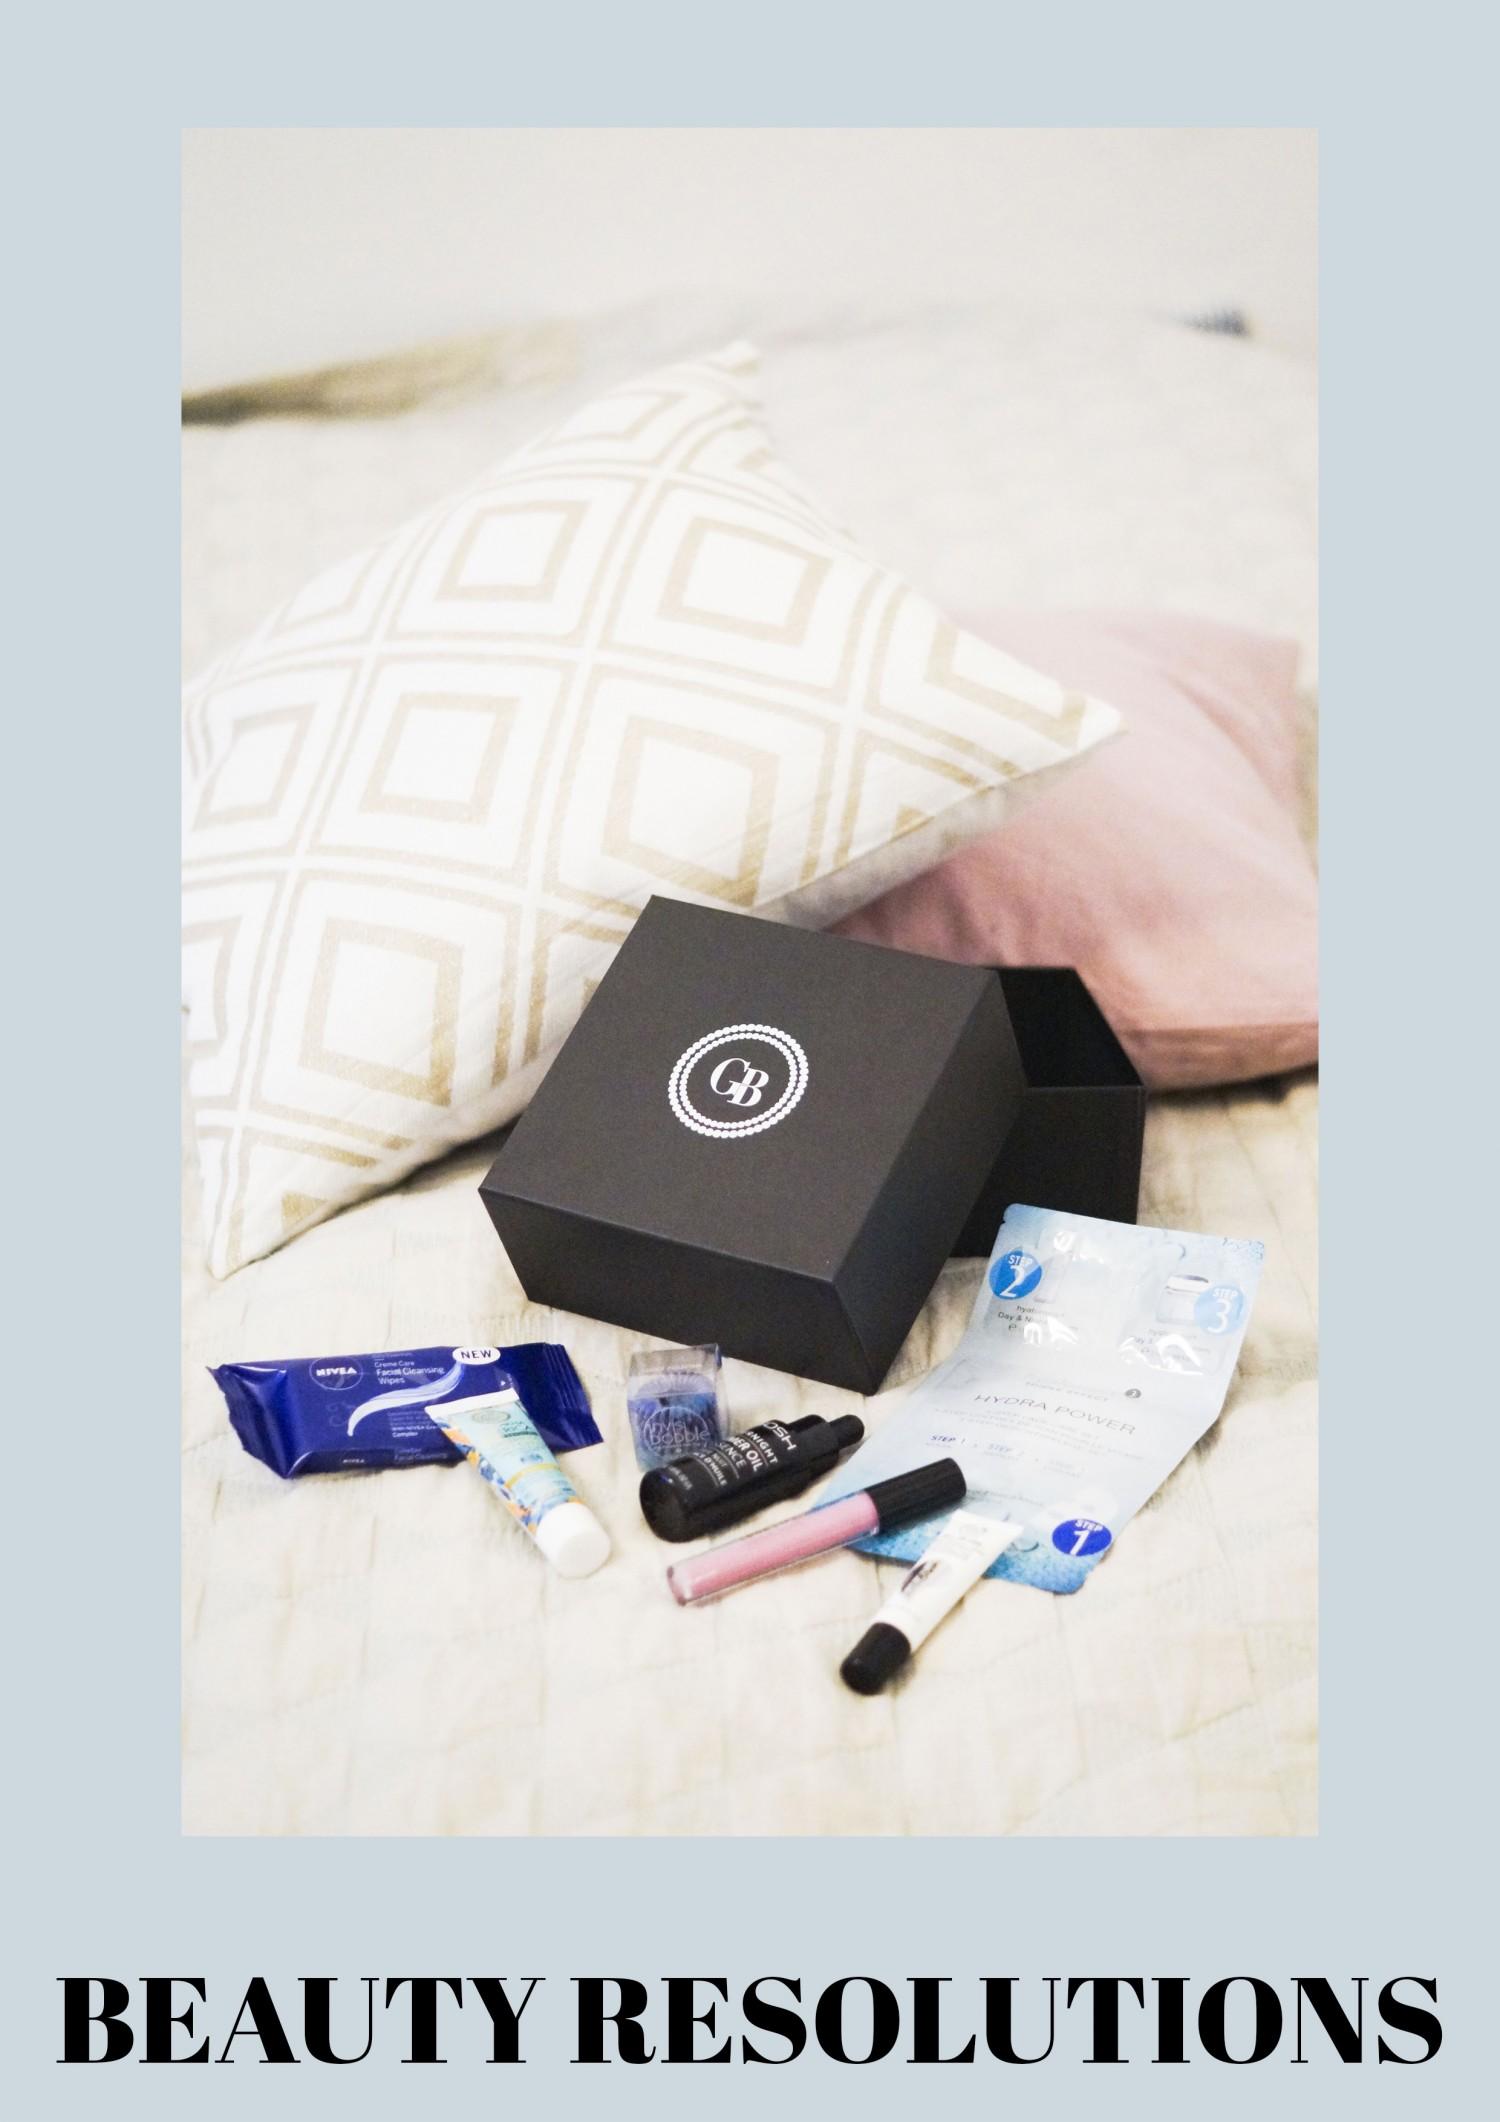 goodiebox, goodiebox danmark, bblogger, bbloggers, beauty blog, beauty blogger, makeup blog, skønhedsblog, skønhedsblogger, caroline overgaard